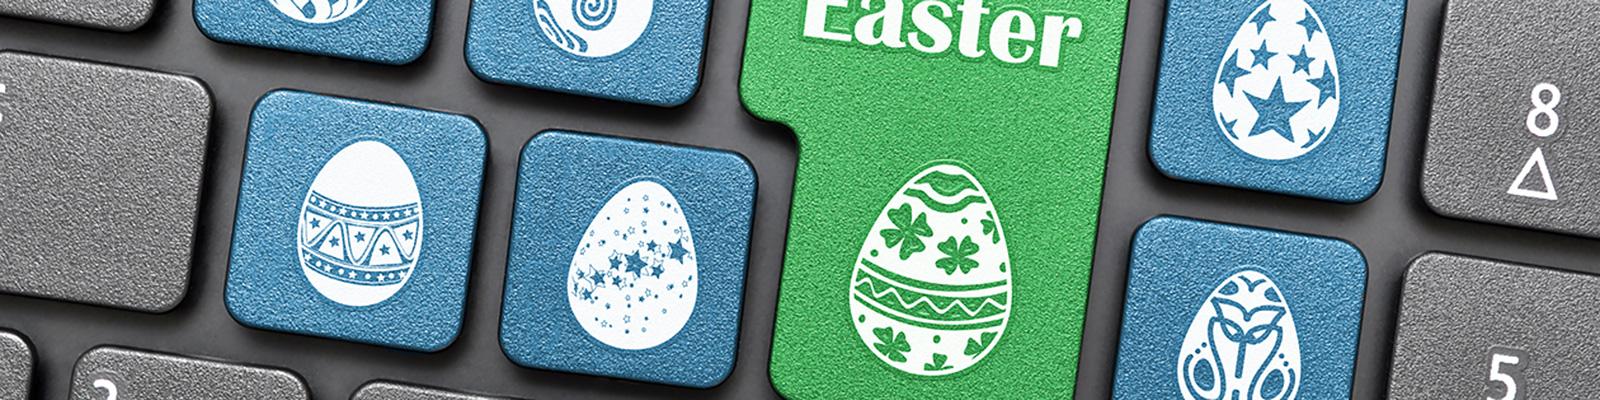 卵 キーボード イメージ